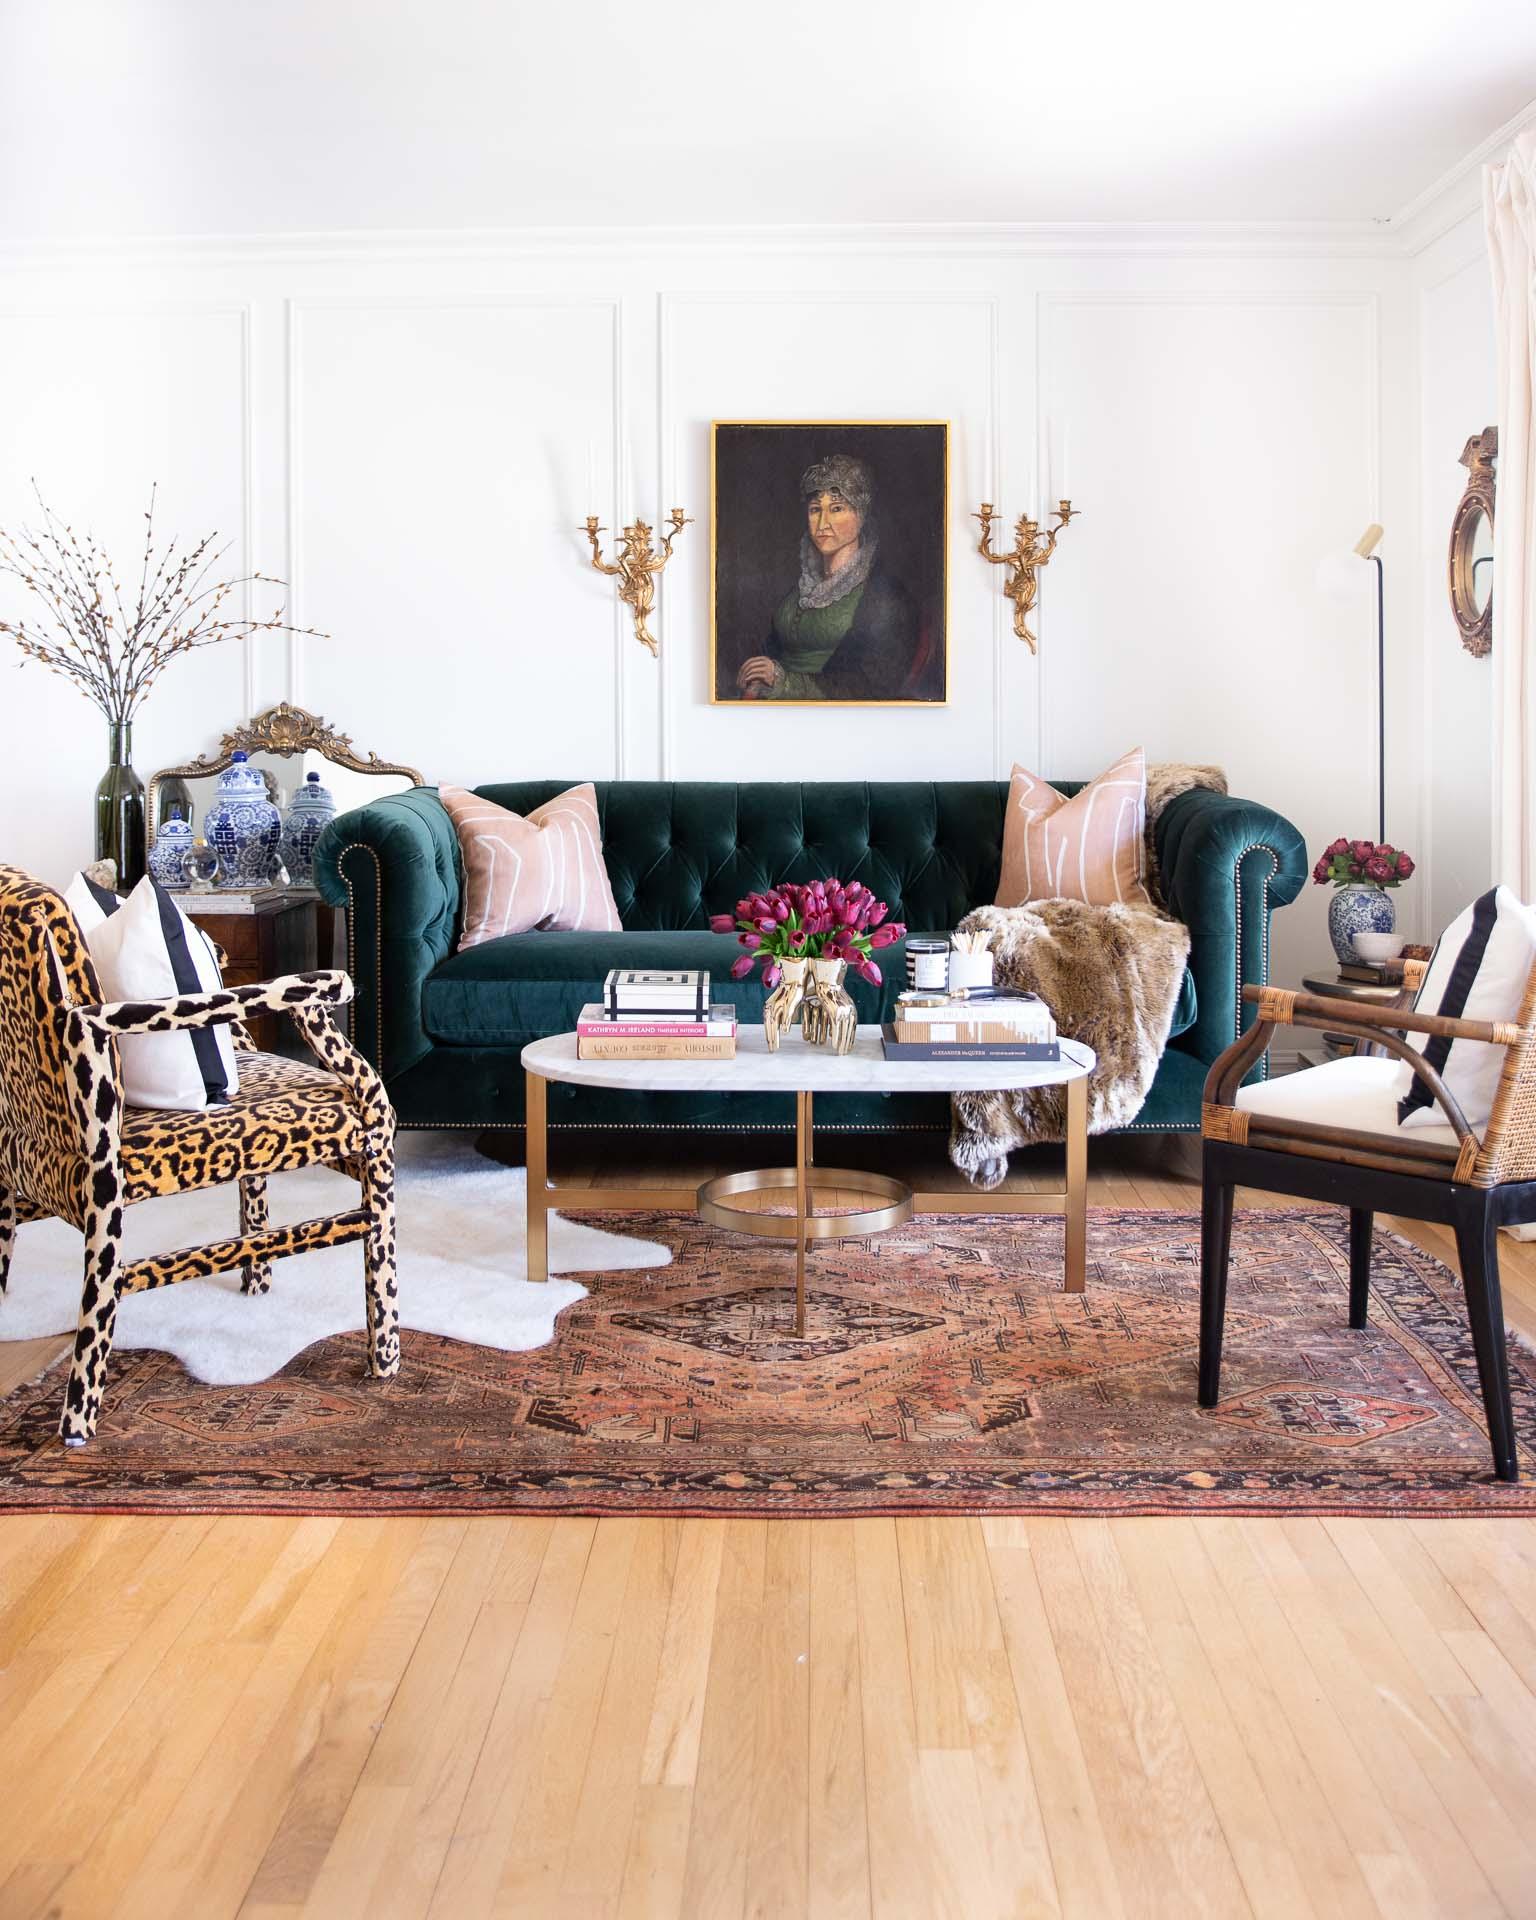 green-velvet-chesterfield-anthropologie-sofa